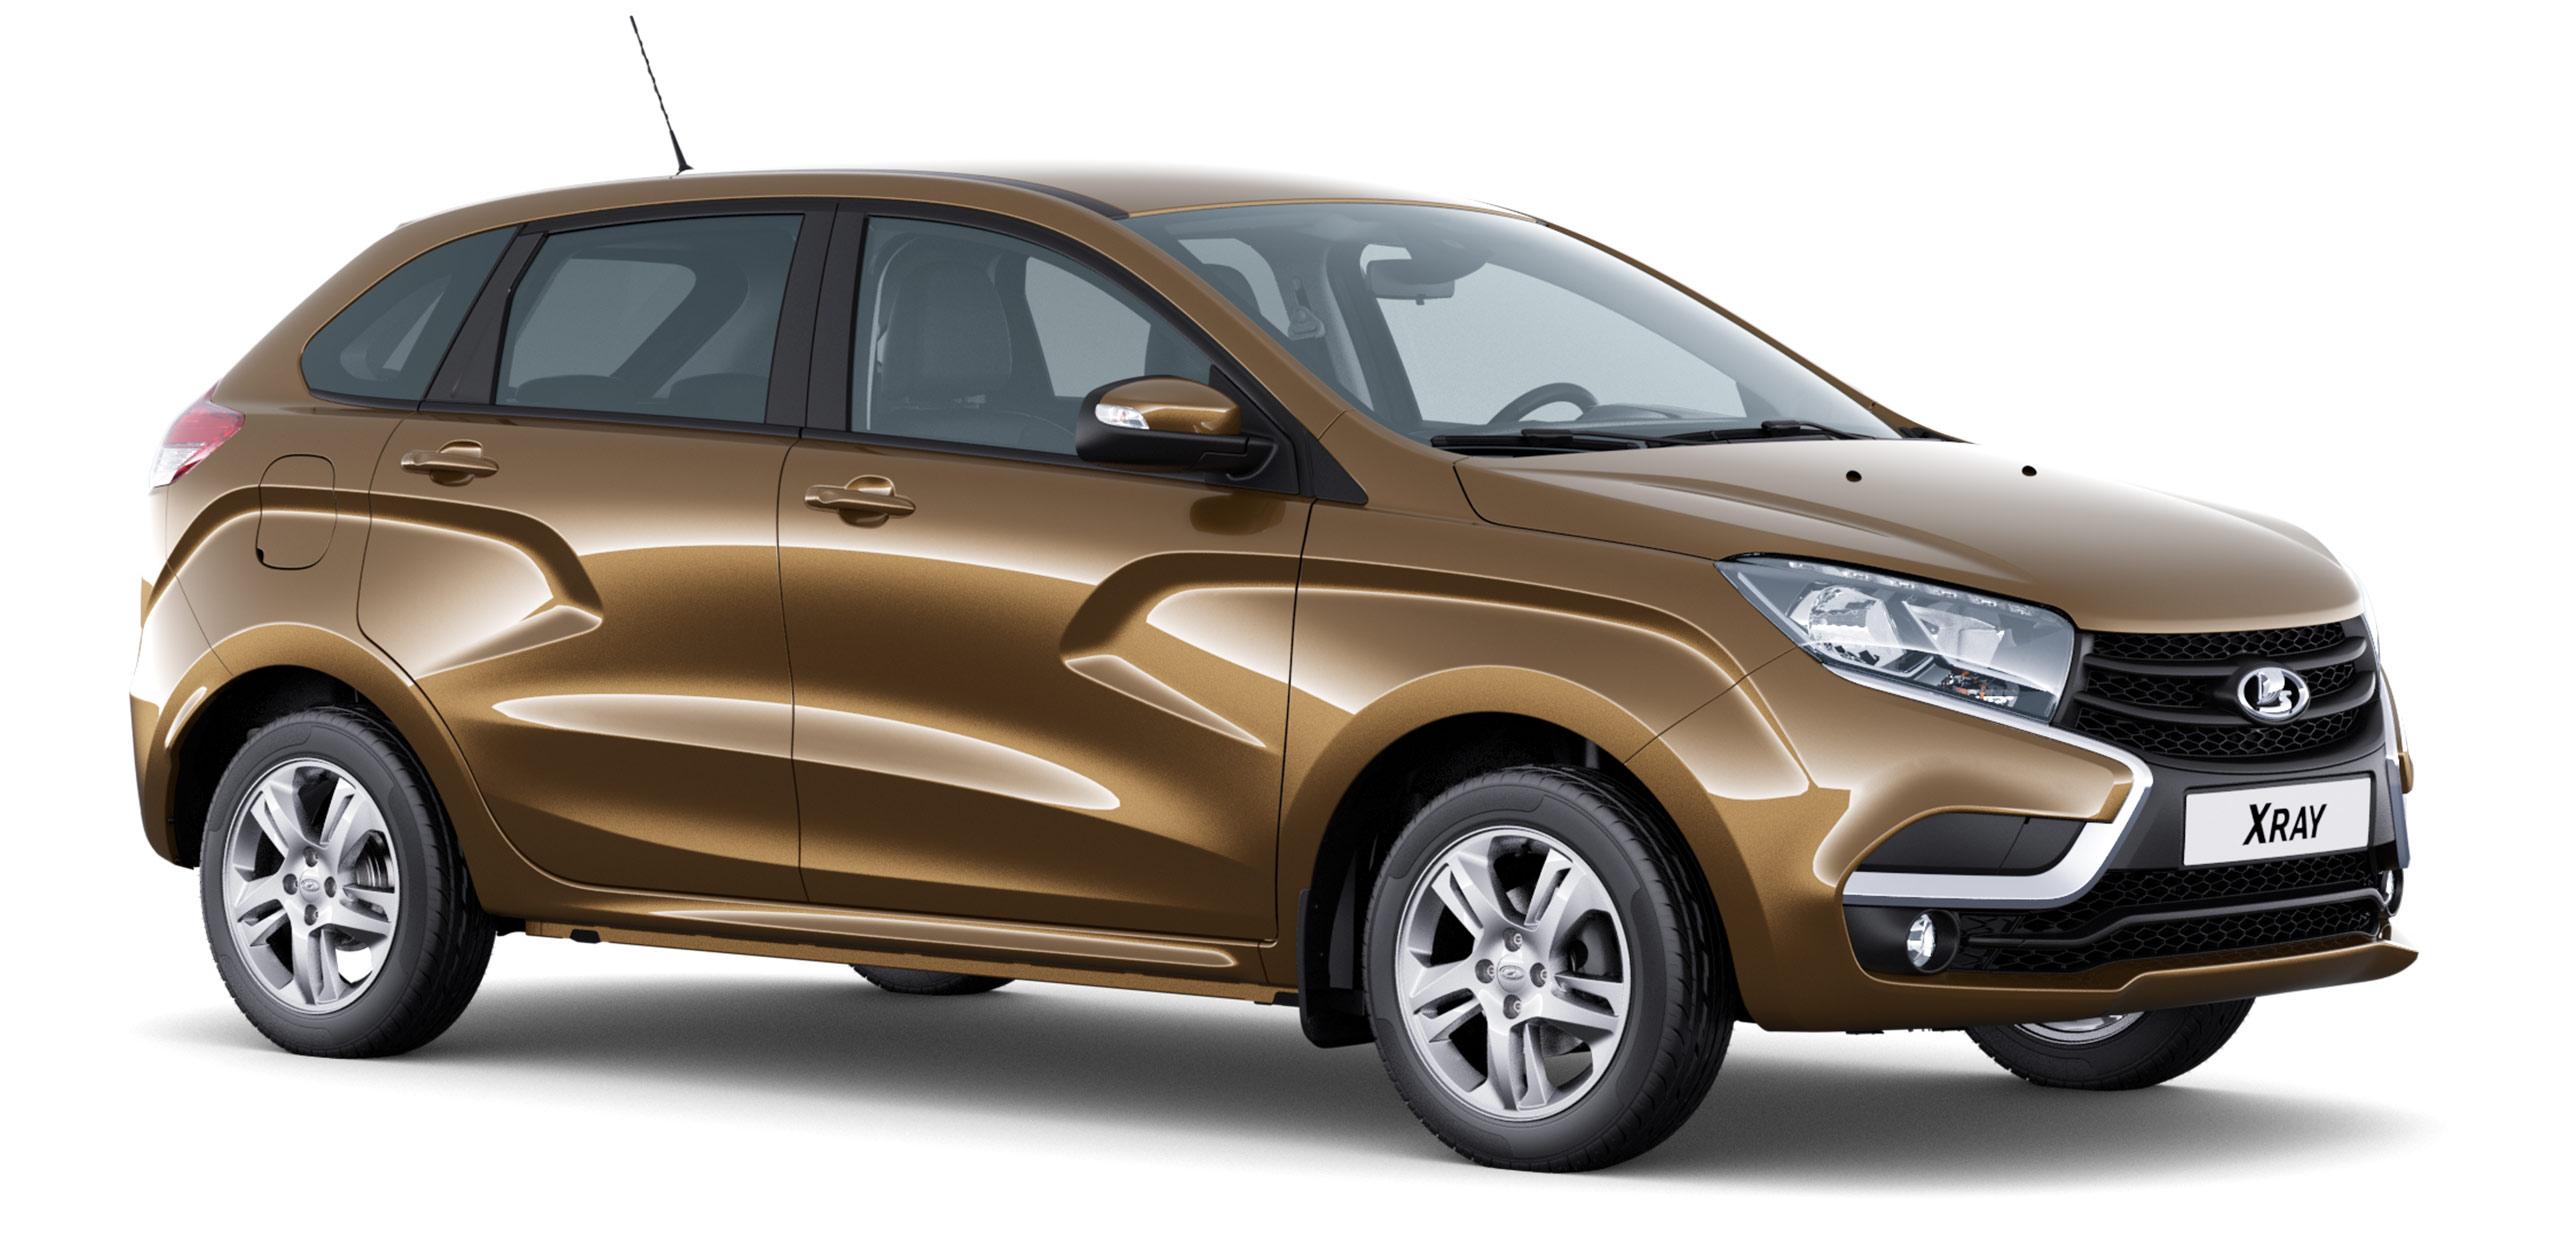 Купить Лада Х-рей 2018 в Сургуте, Автомобиль Вы можете приобрести ...   1260x2560